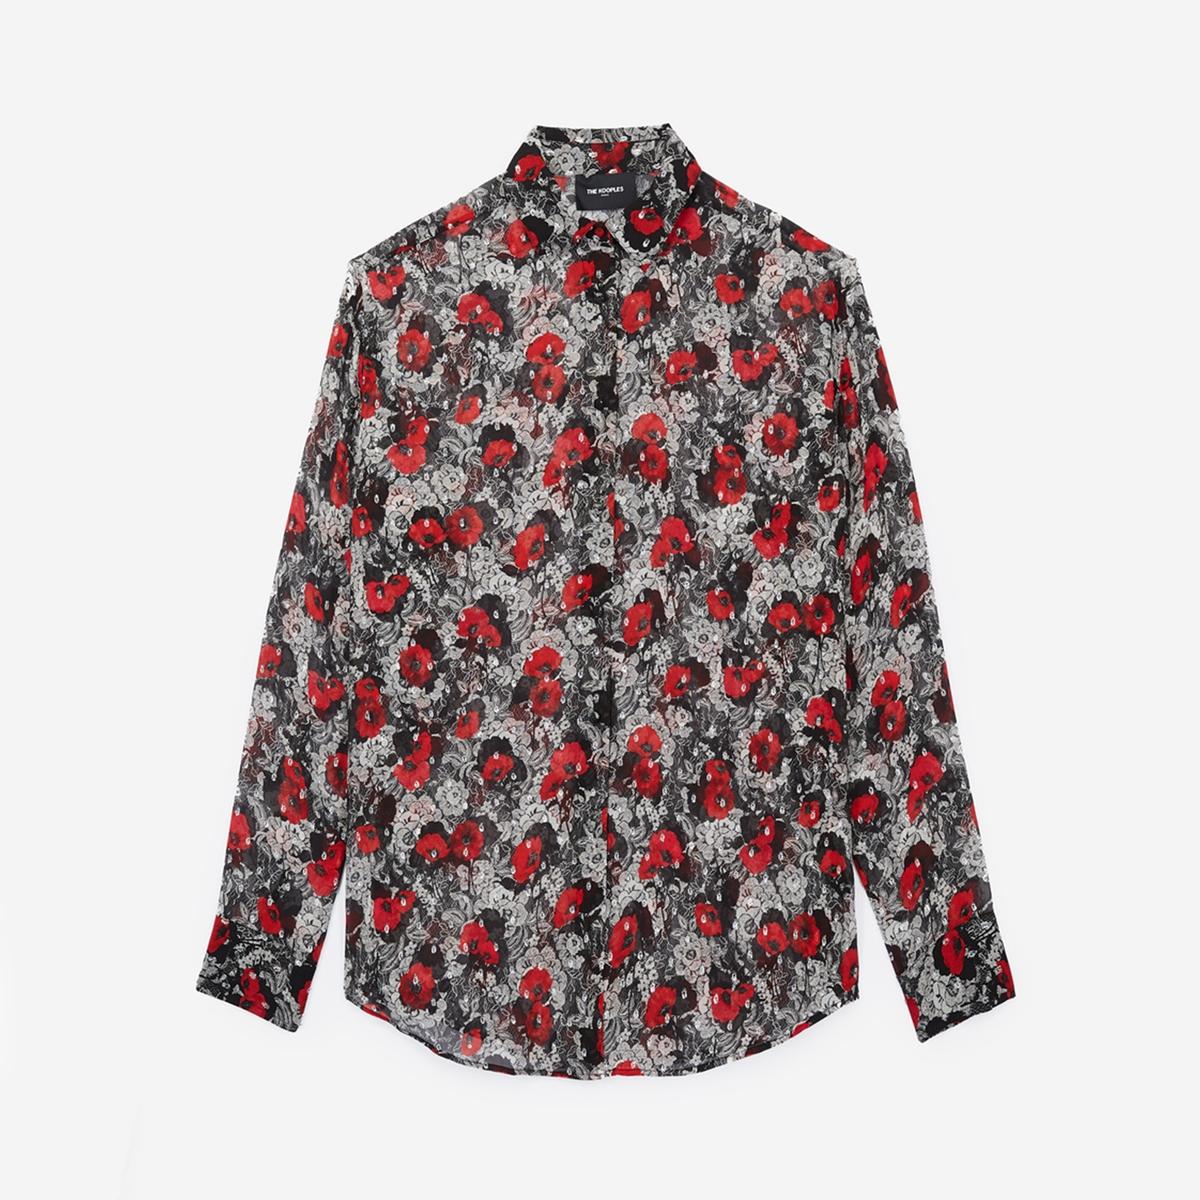 Blusa con estampado de flores y manga larga